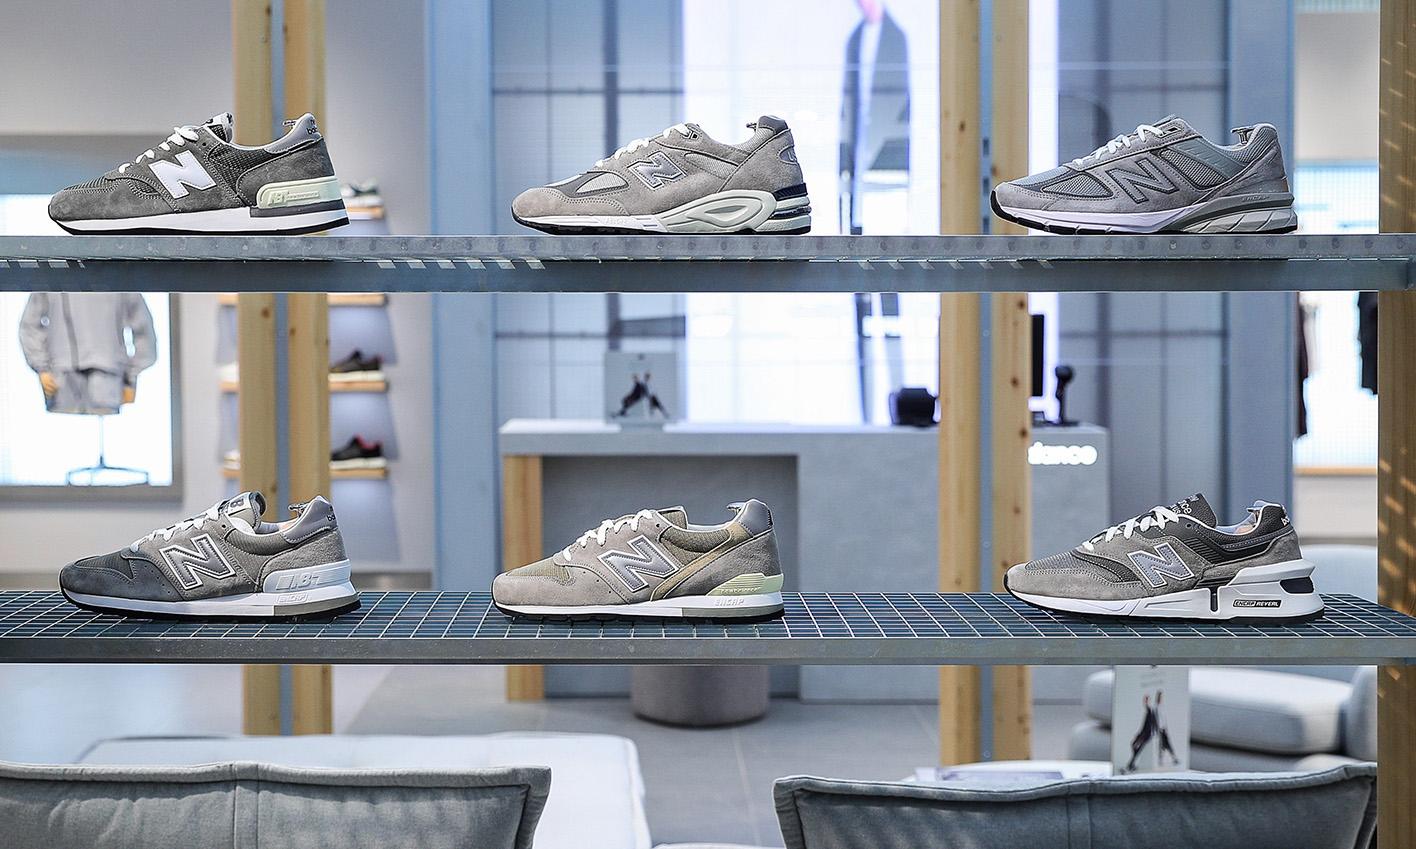 在三里屯的 NB GREY 概念店里,将持续发售众多独家的限量系列